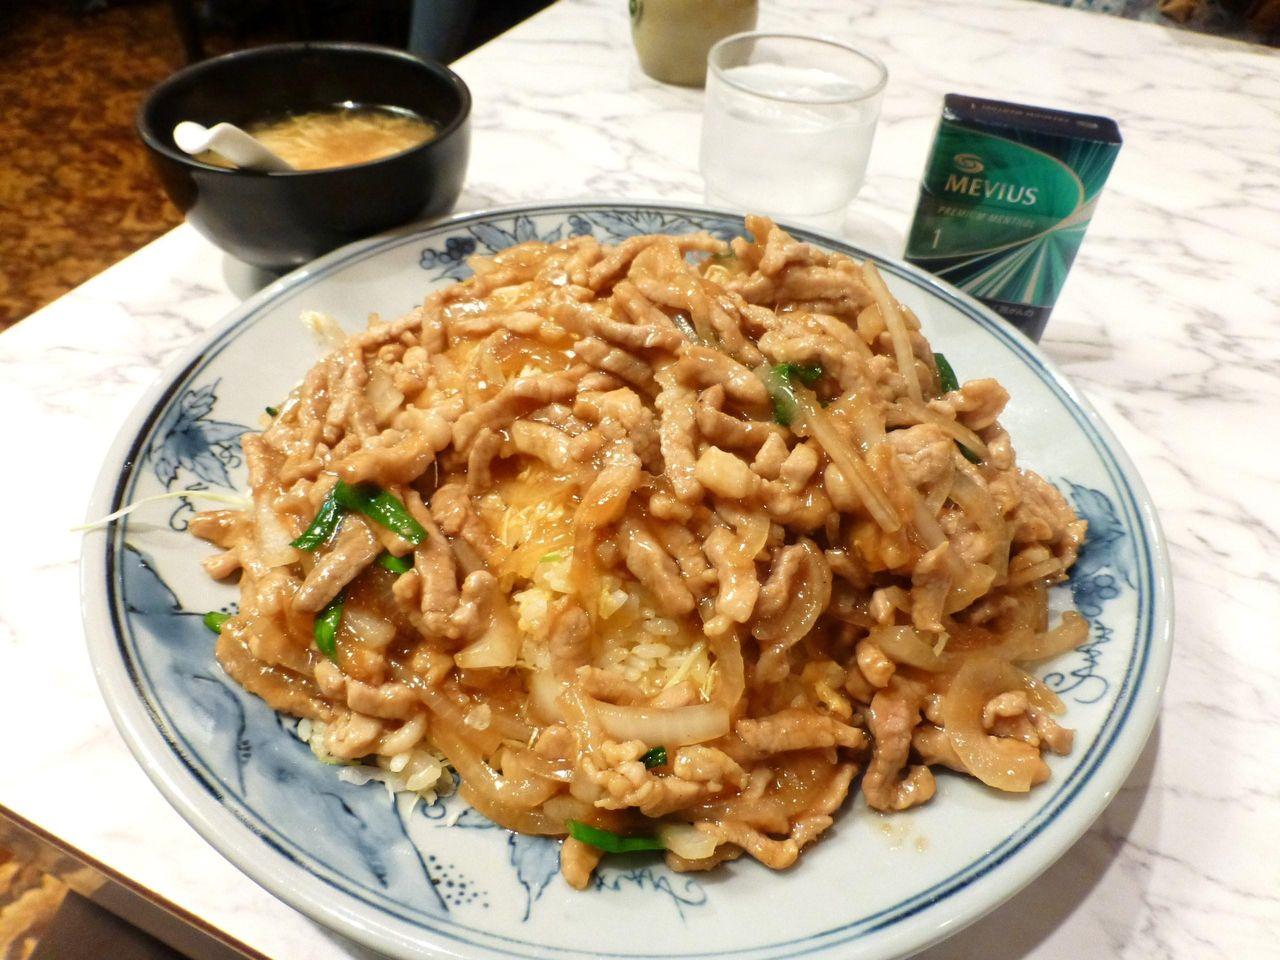 豚肉生姜焼きチャーハン(トリプル盛)1,200円